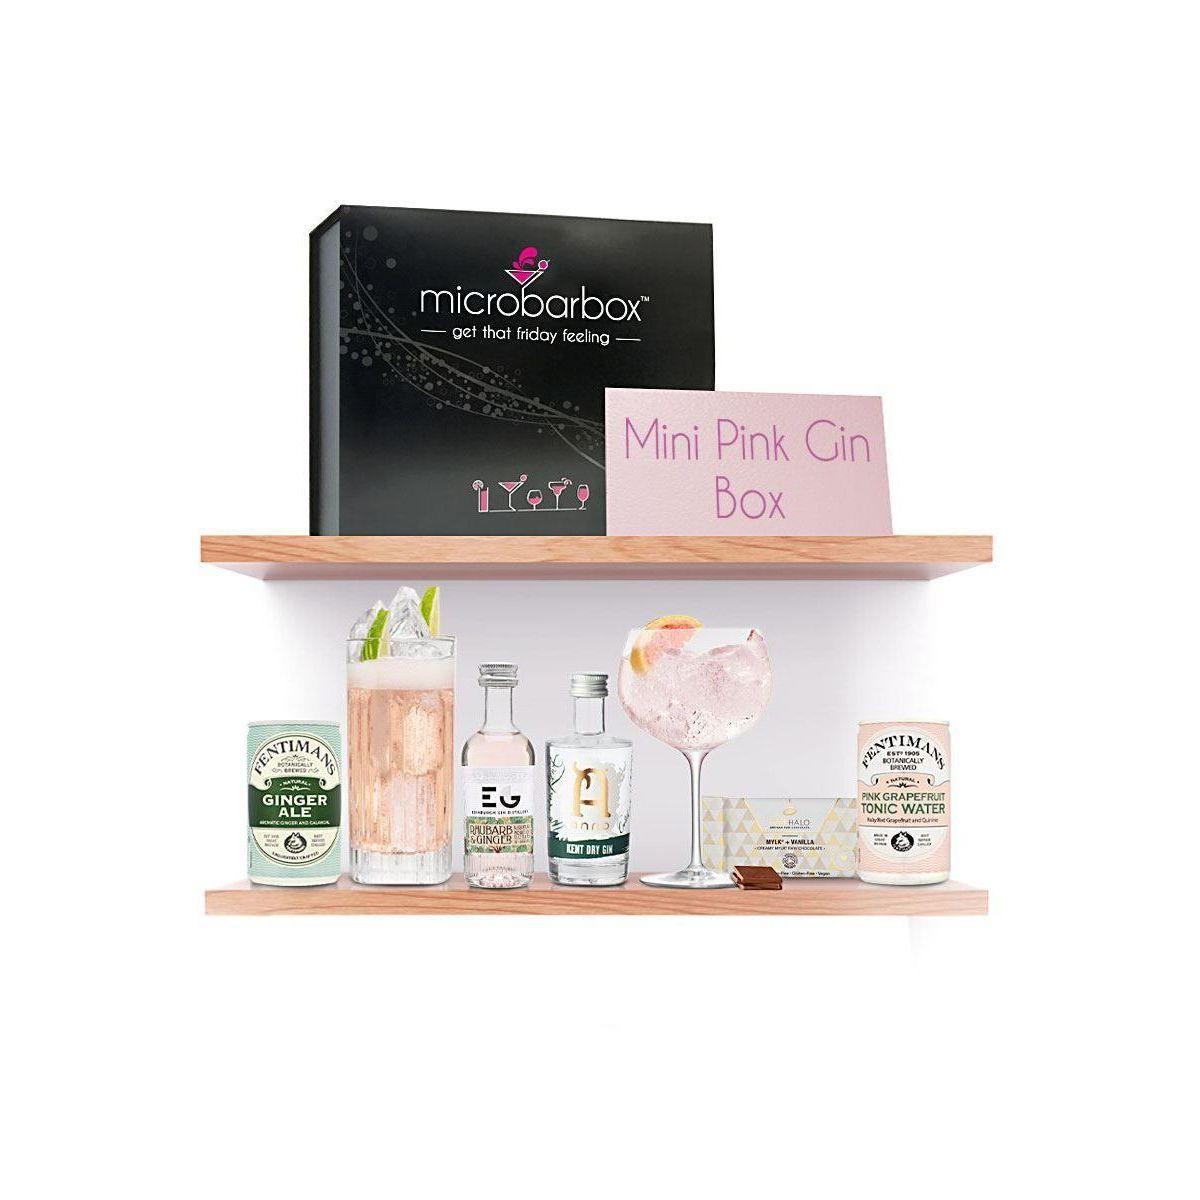 Microbarbox Mini Pink Gin Box